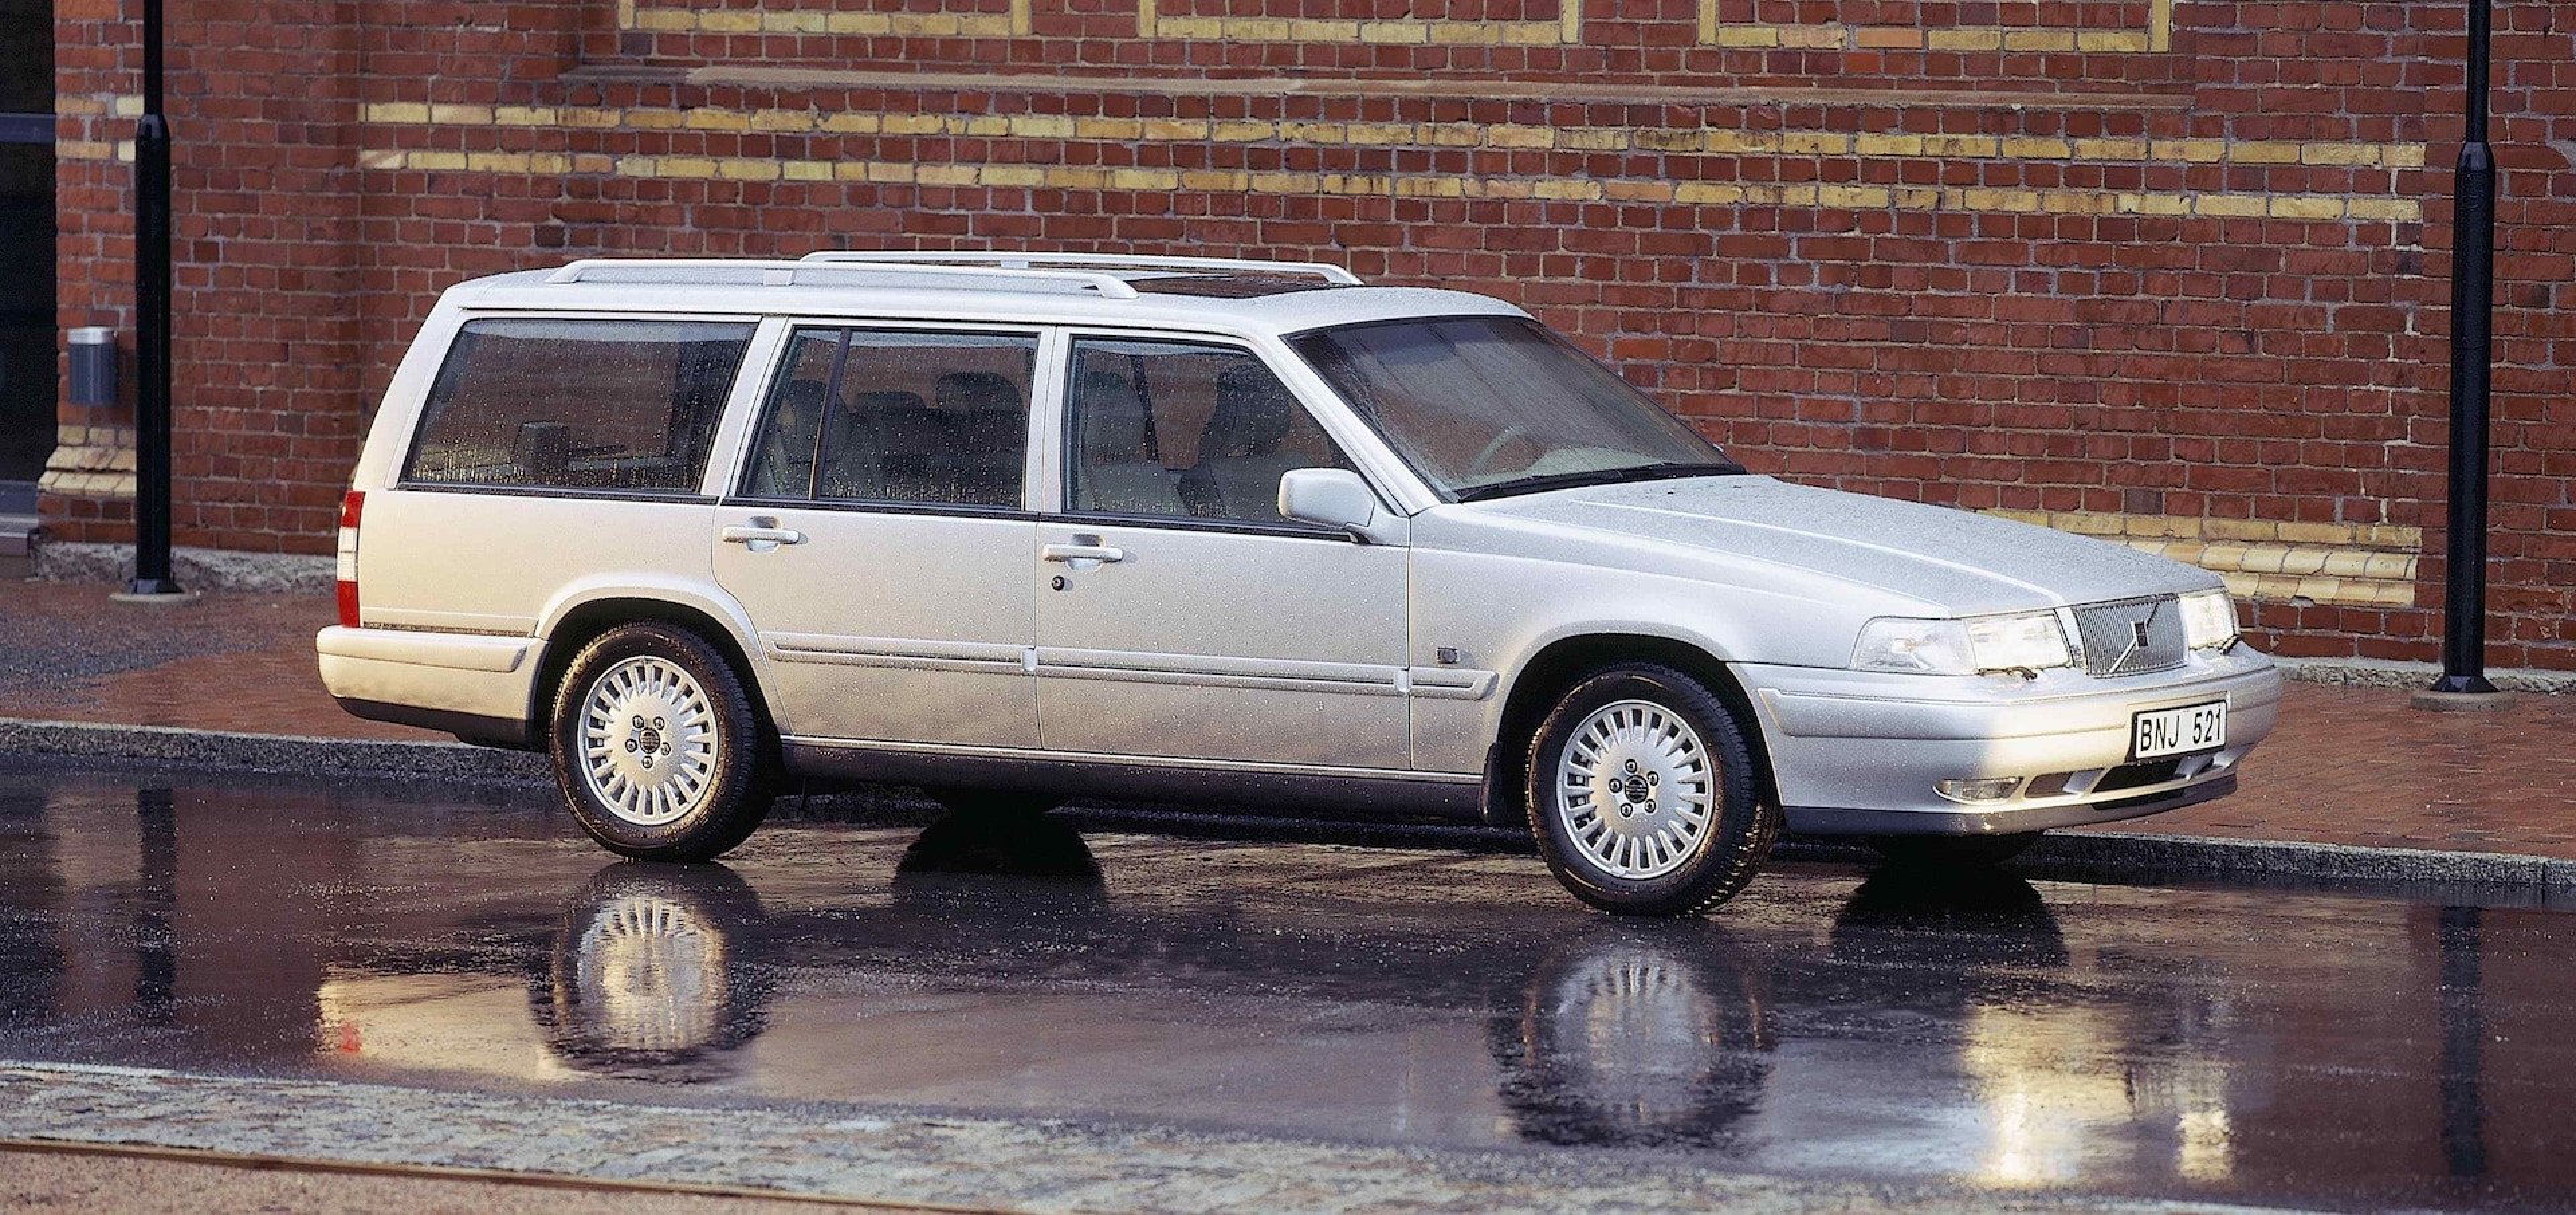 Un Volvo 960/V90 estate de color blanco aparcado en la calle delante de un muro de ladrillo rojo